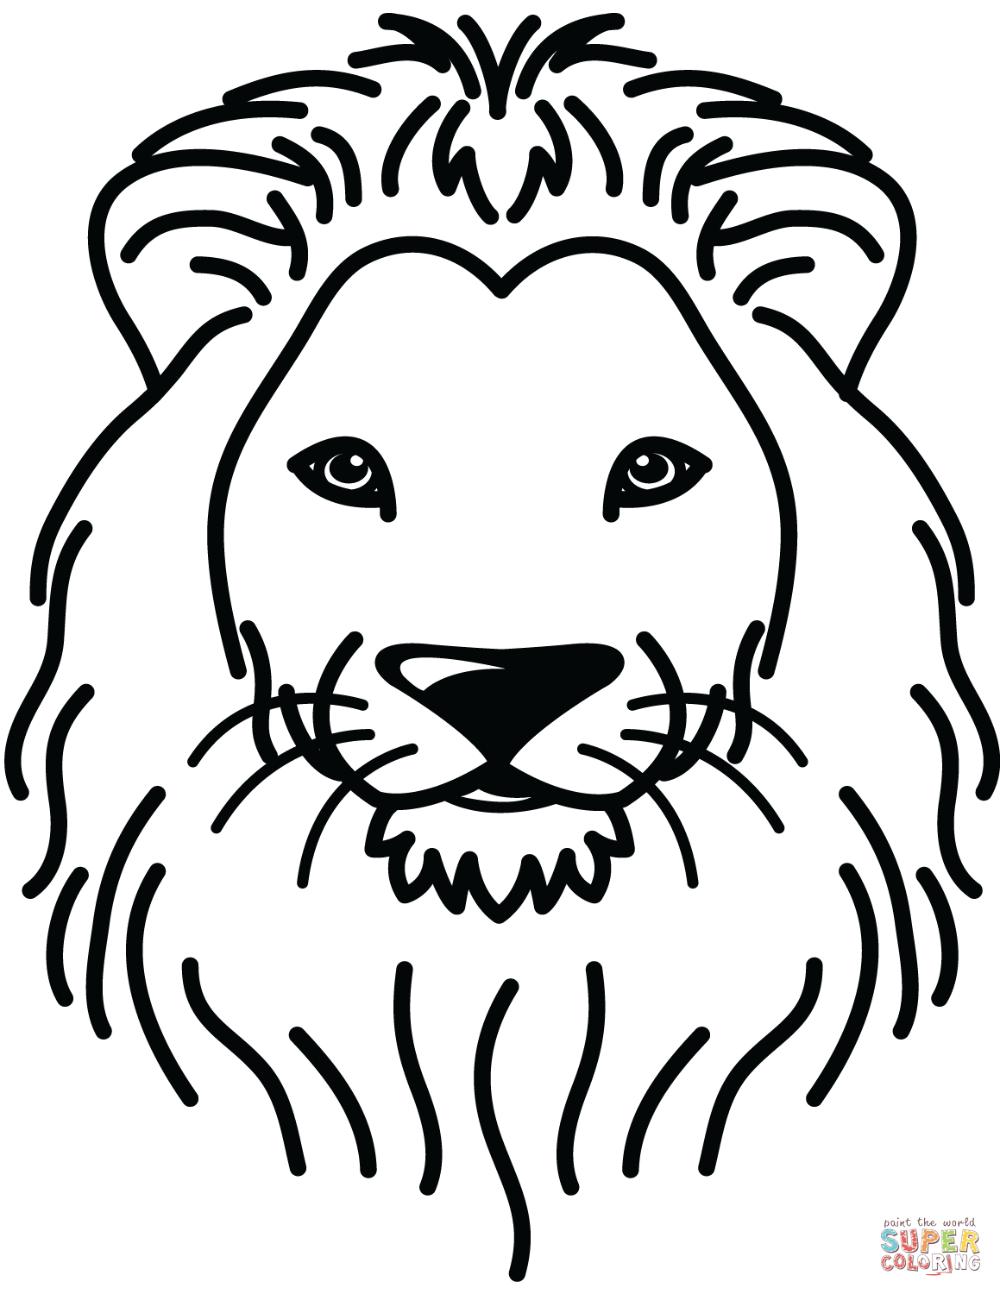 Lion Portrait Coloring Page Free Printable Coloring Pages In 2021 Lion Coloring Pages Animal Coloring Pages Cartoon Lion